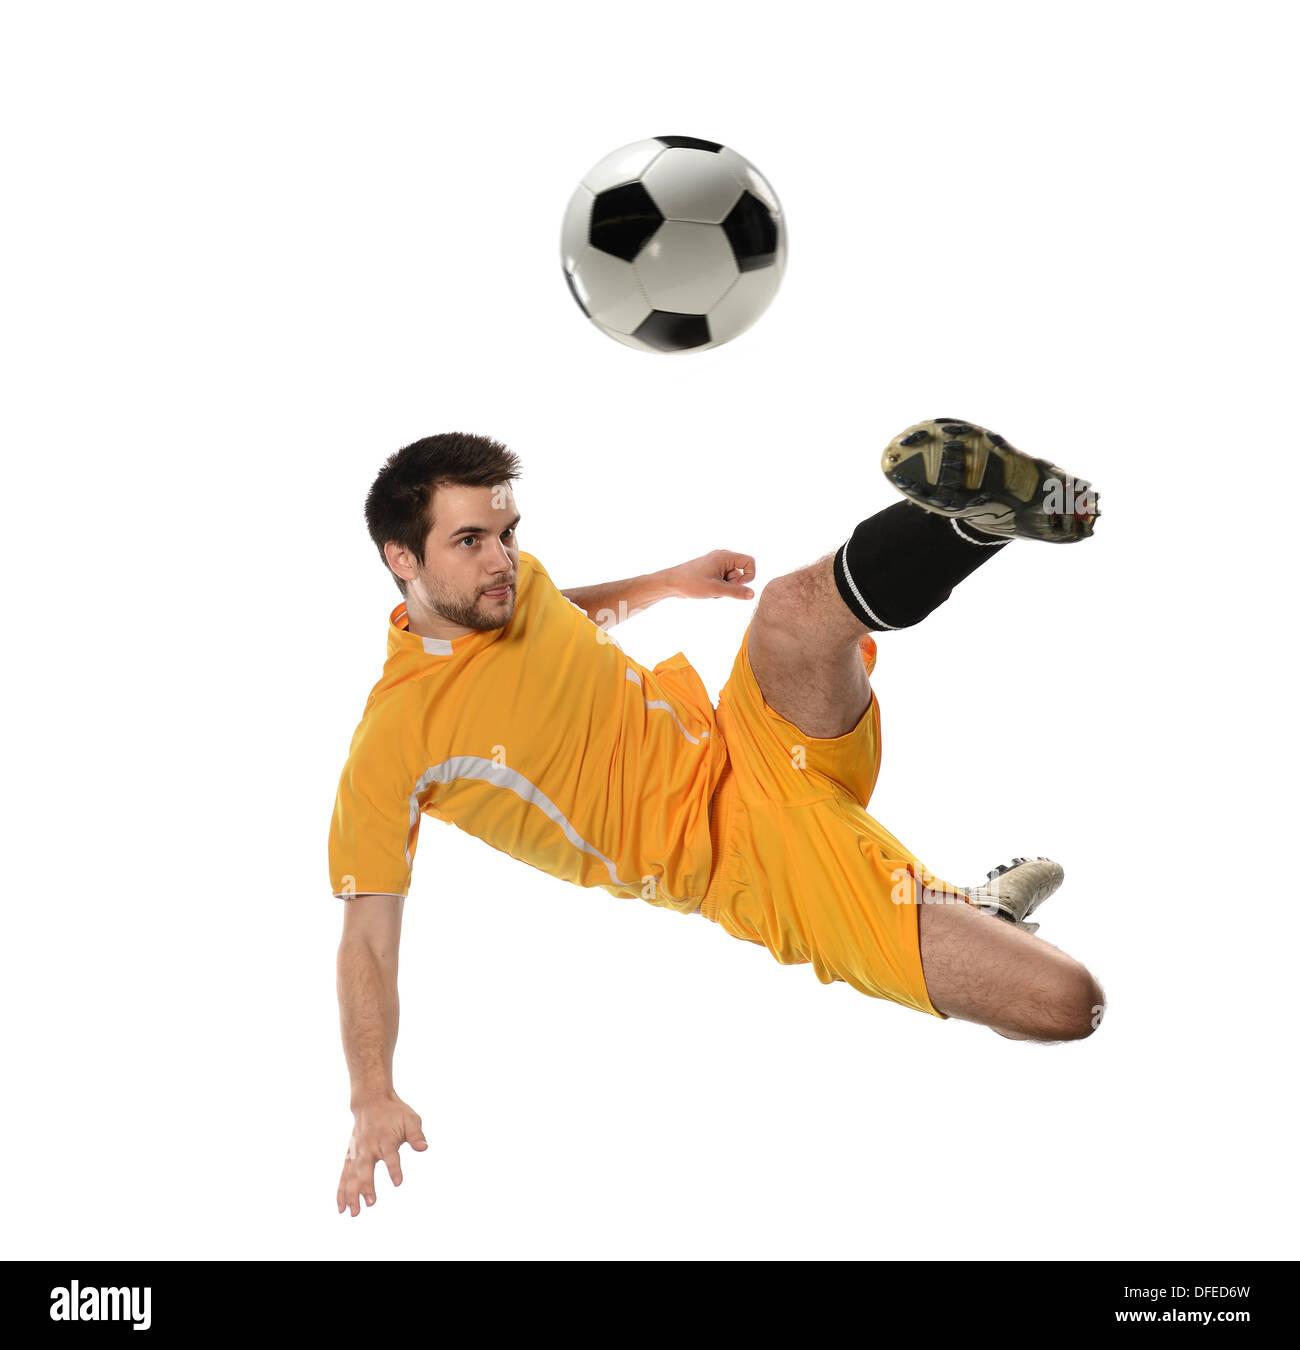 Jugador de fútbol en acción aislada sobre fondo blanco. Foto de stock